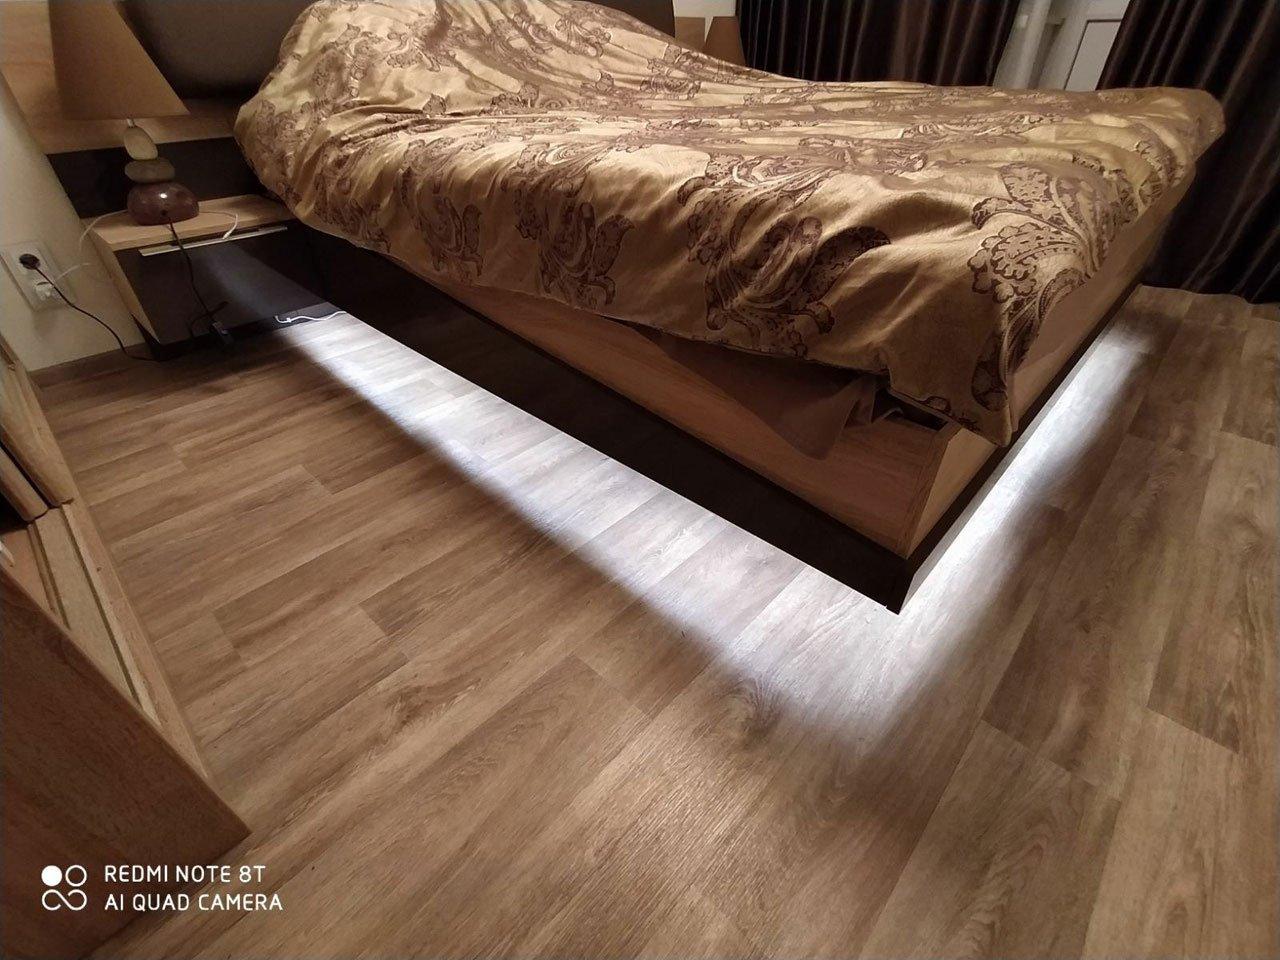 Подсветка двуспальной кровати с датчиком движения отзы iqlux Светлана 16_01_20 фото